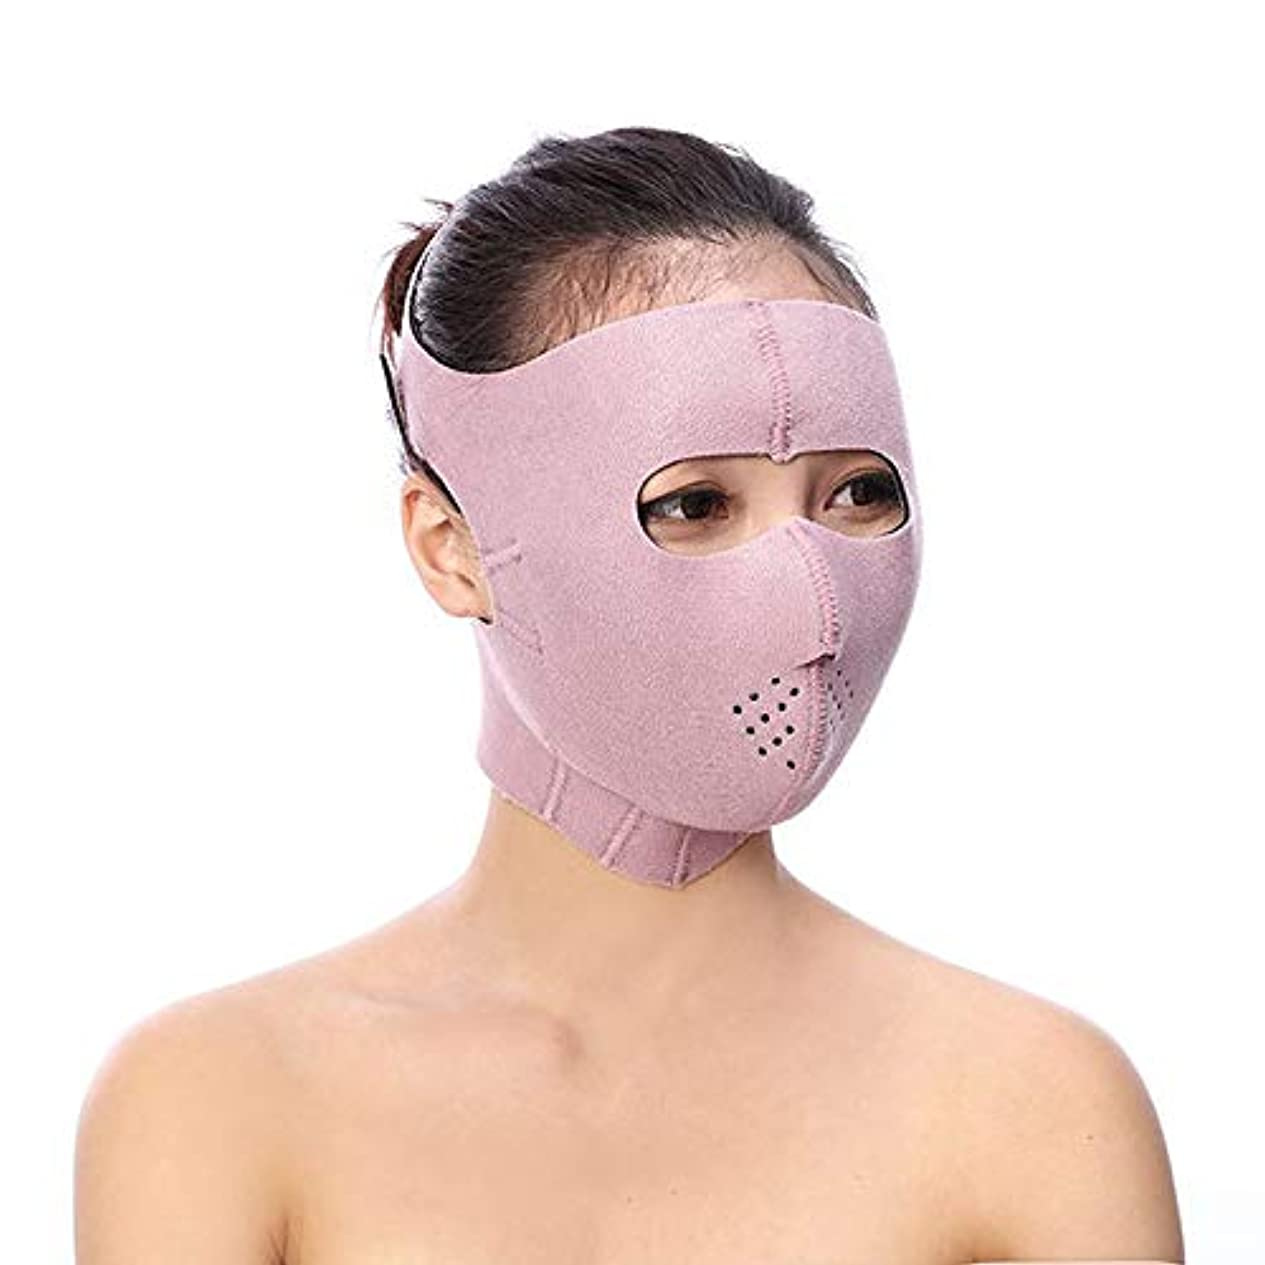 毎月問題議題Minmin フェイシャルリフティング痩身ベルト - Vフェイス包帯マスクフェイシャルマッサージャー無料の薄いフェイス包帯整形マスクを引き締める顔と首の顔スリム みんみんVラインフェイスマスク